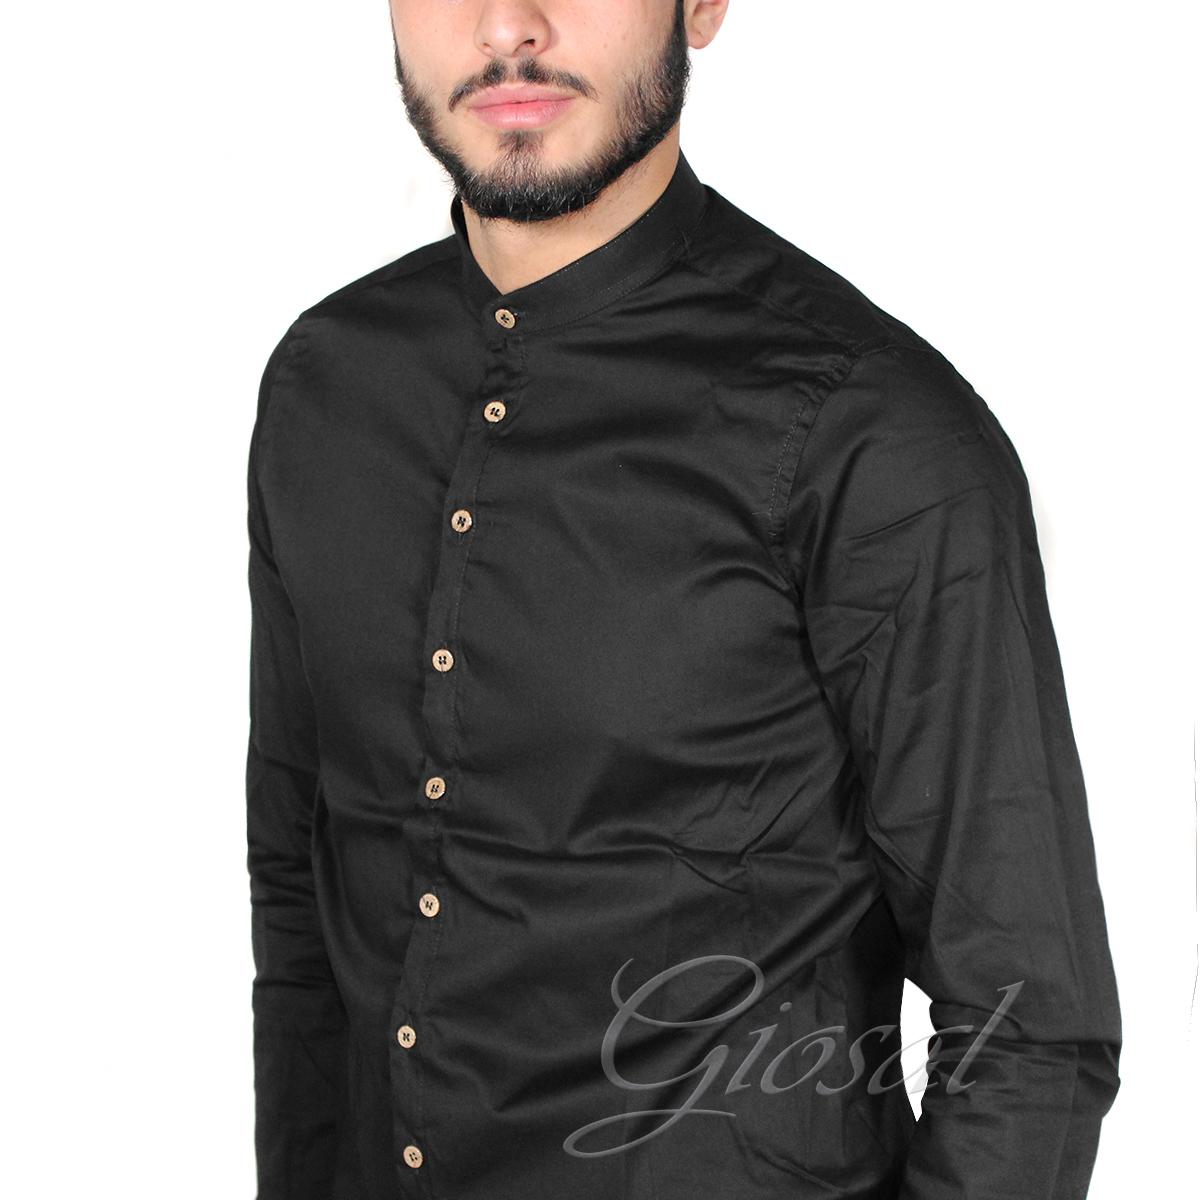 Camicia-Uomo-Over-D-Bottoni-Collo-Coreano-Tinta-Unita-Vari-Colori-Casual-GIOSAL miniatura 7